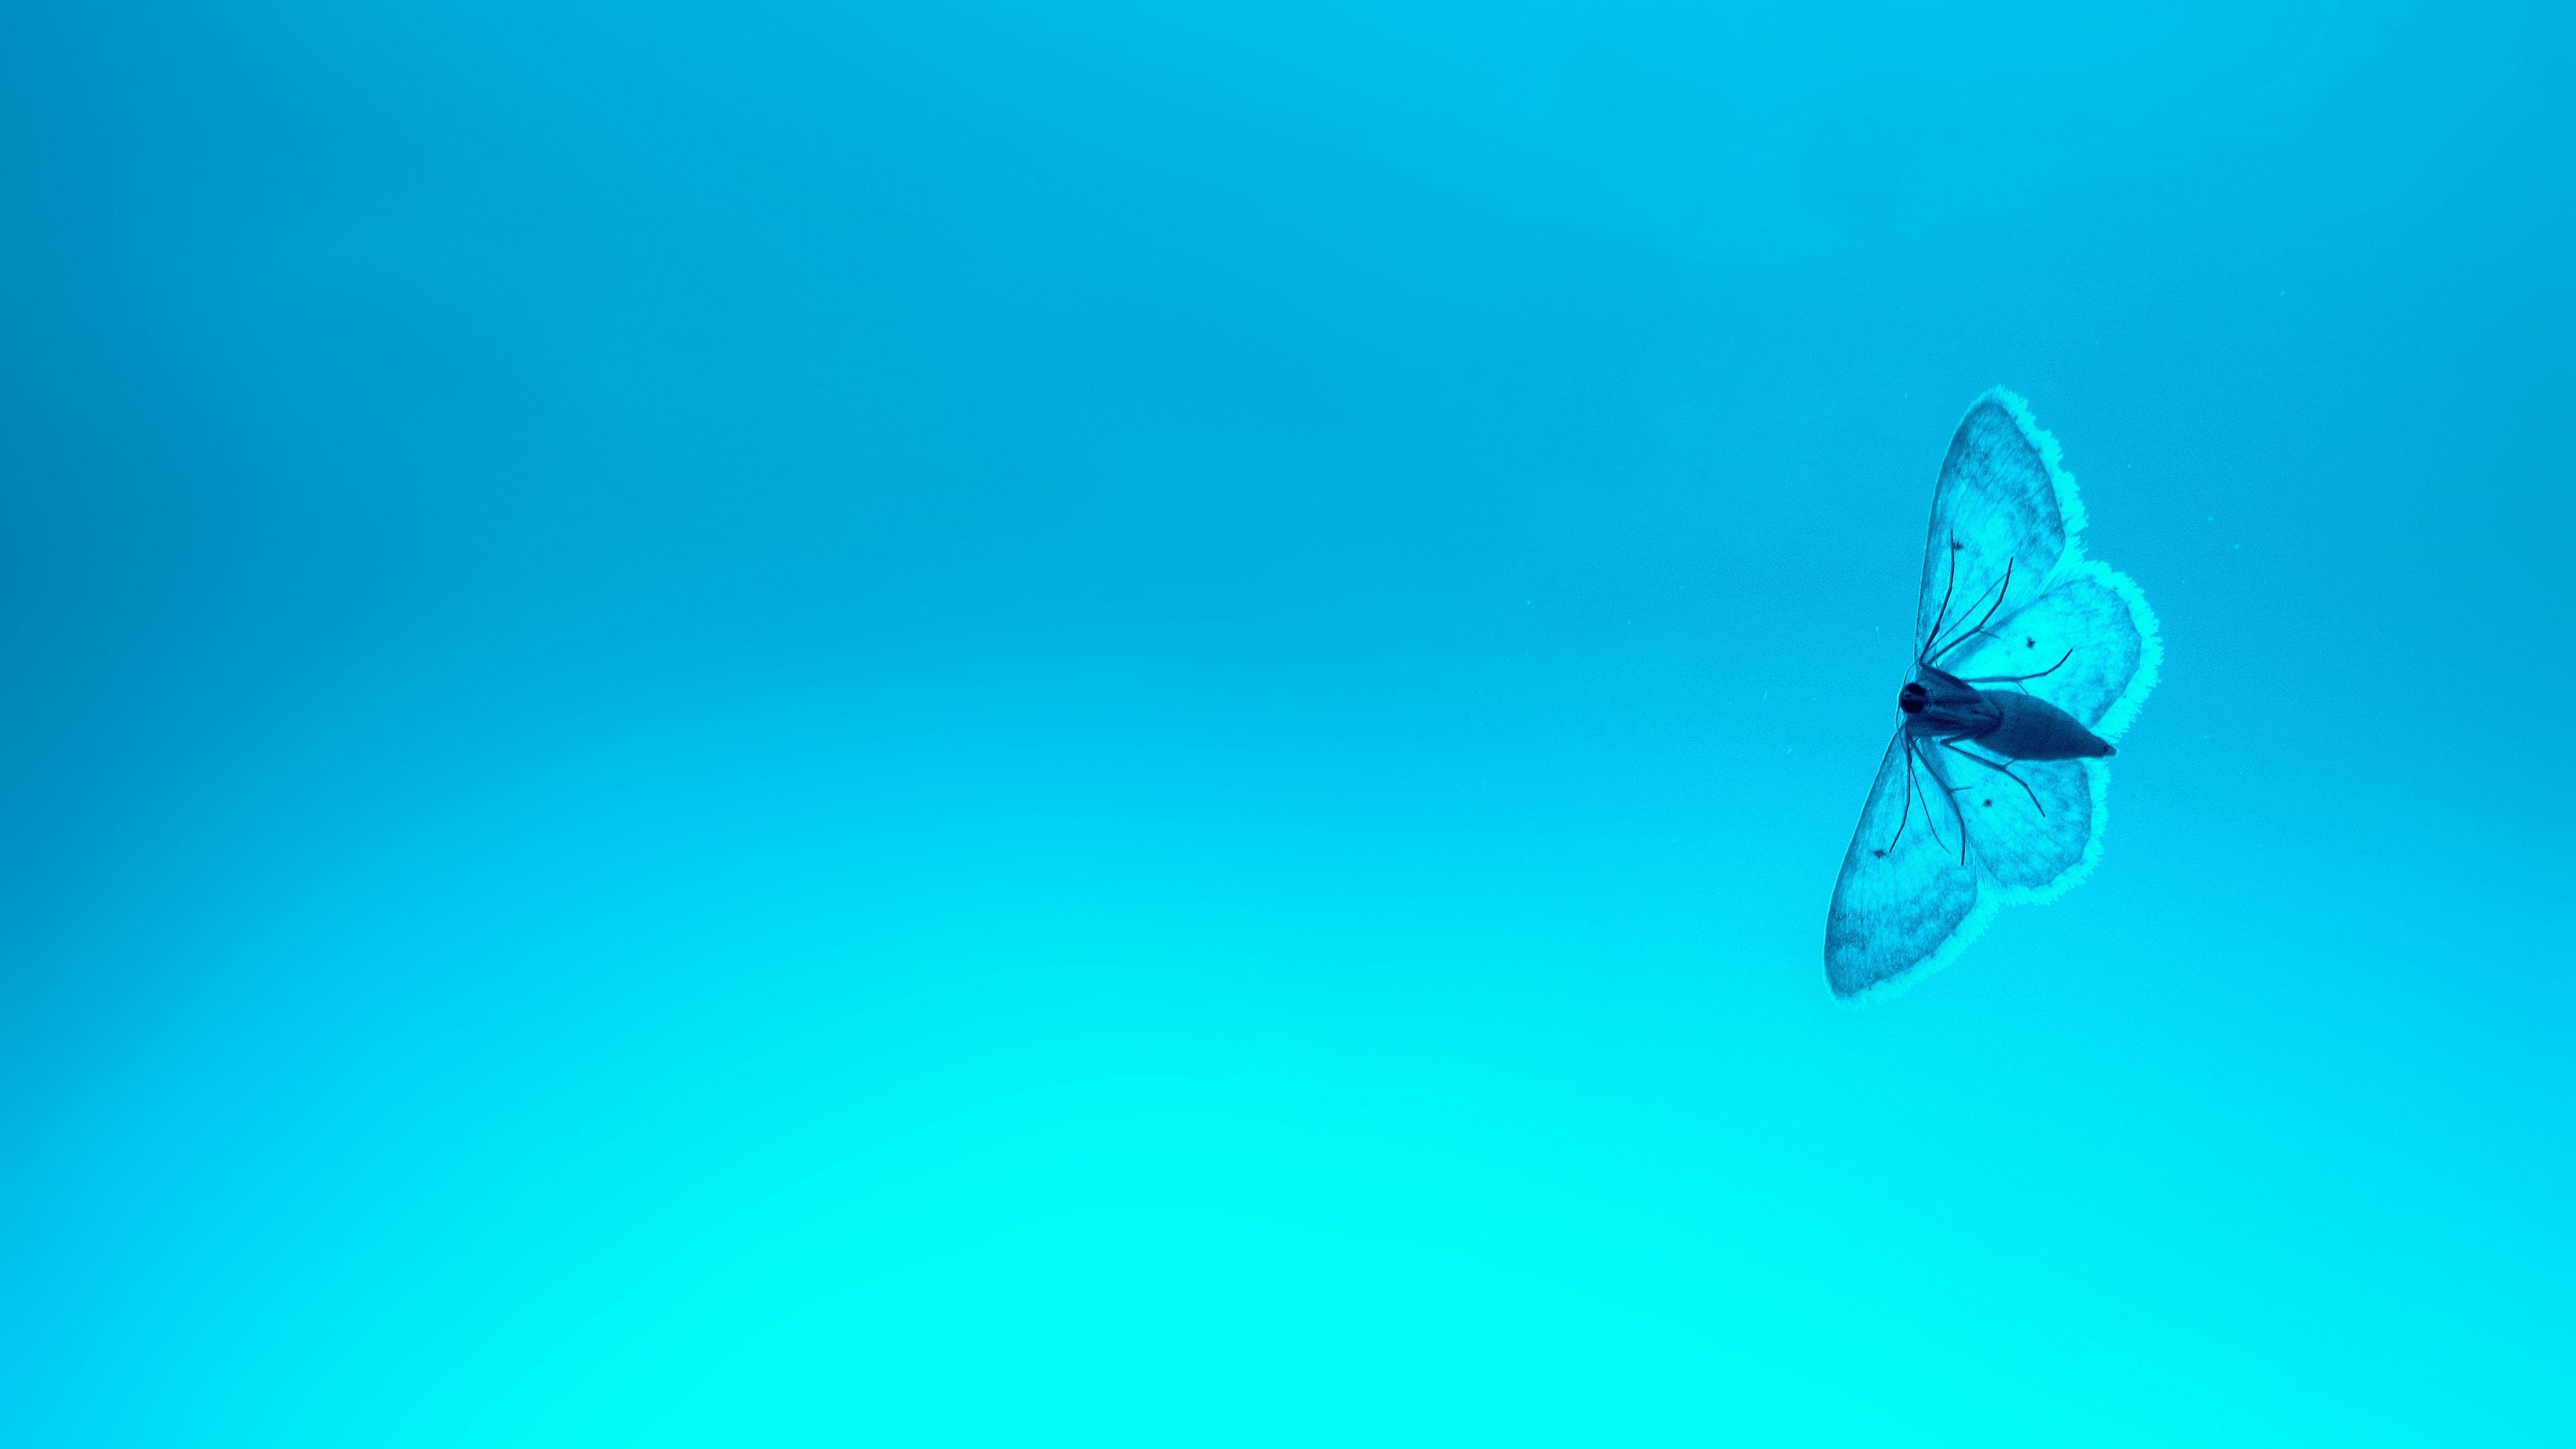 blue butterfly 4k 1546279442 - Blue Butterfly 4k - hd-wallpapers, butterfly wallpapers, animals wallpapers, 4k-wallpapers